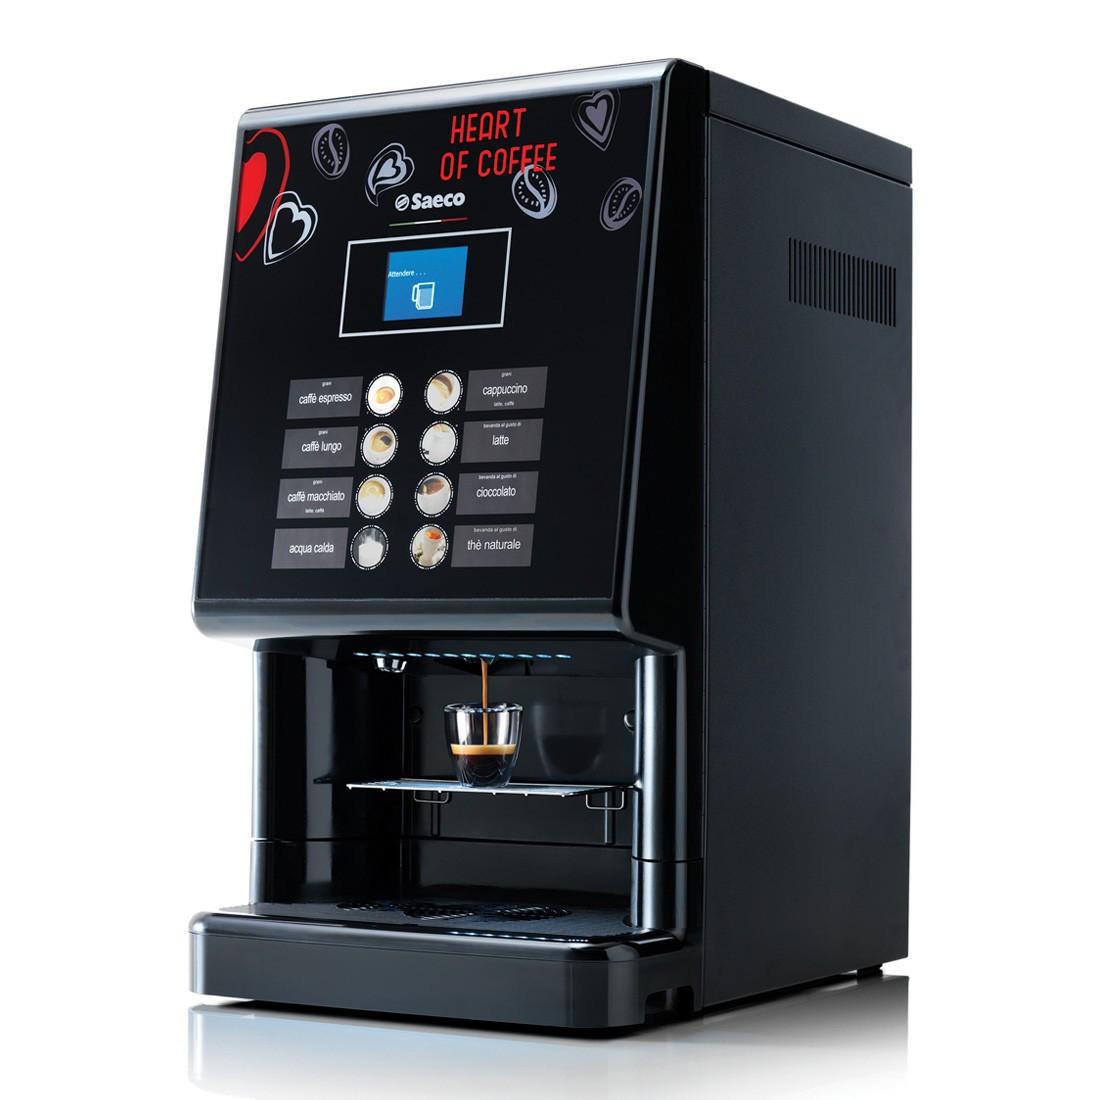 Máquina Vending Saeco Phedra expresso Preto 220v